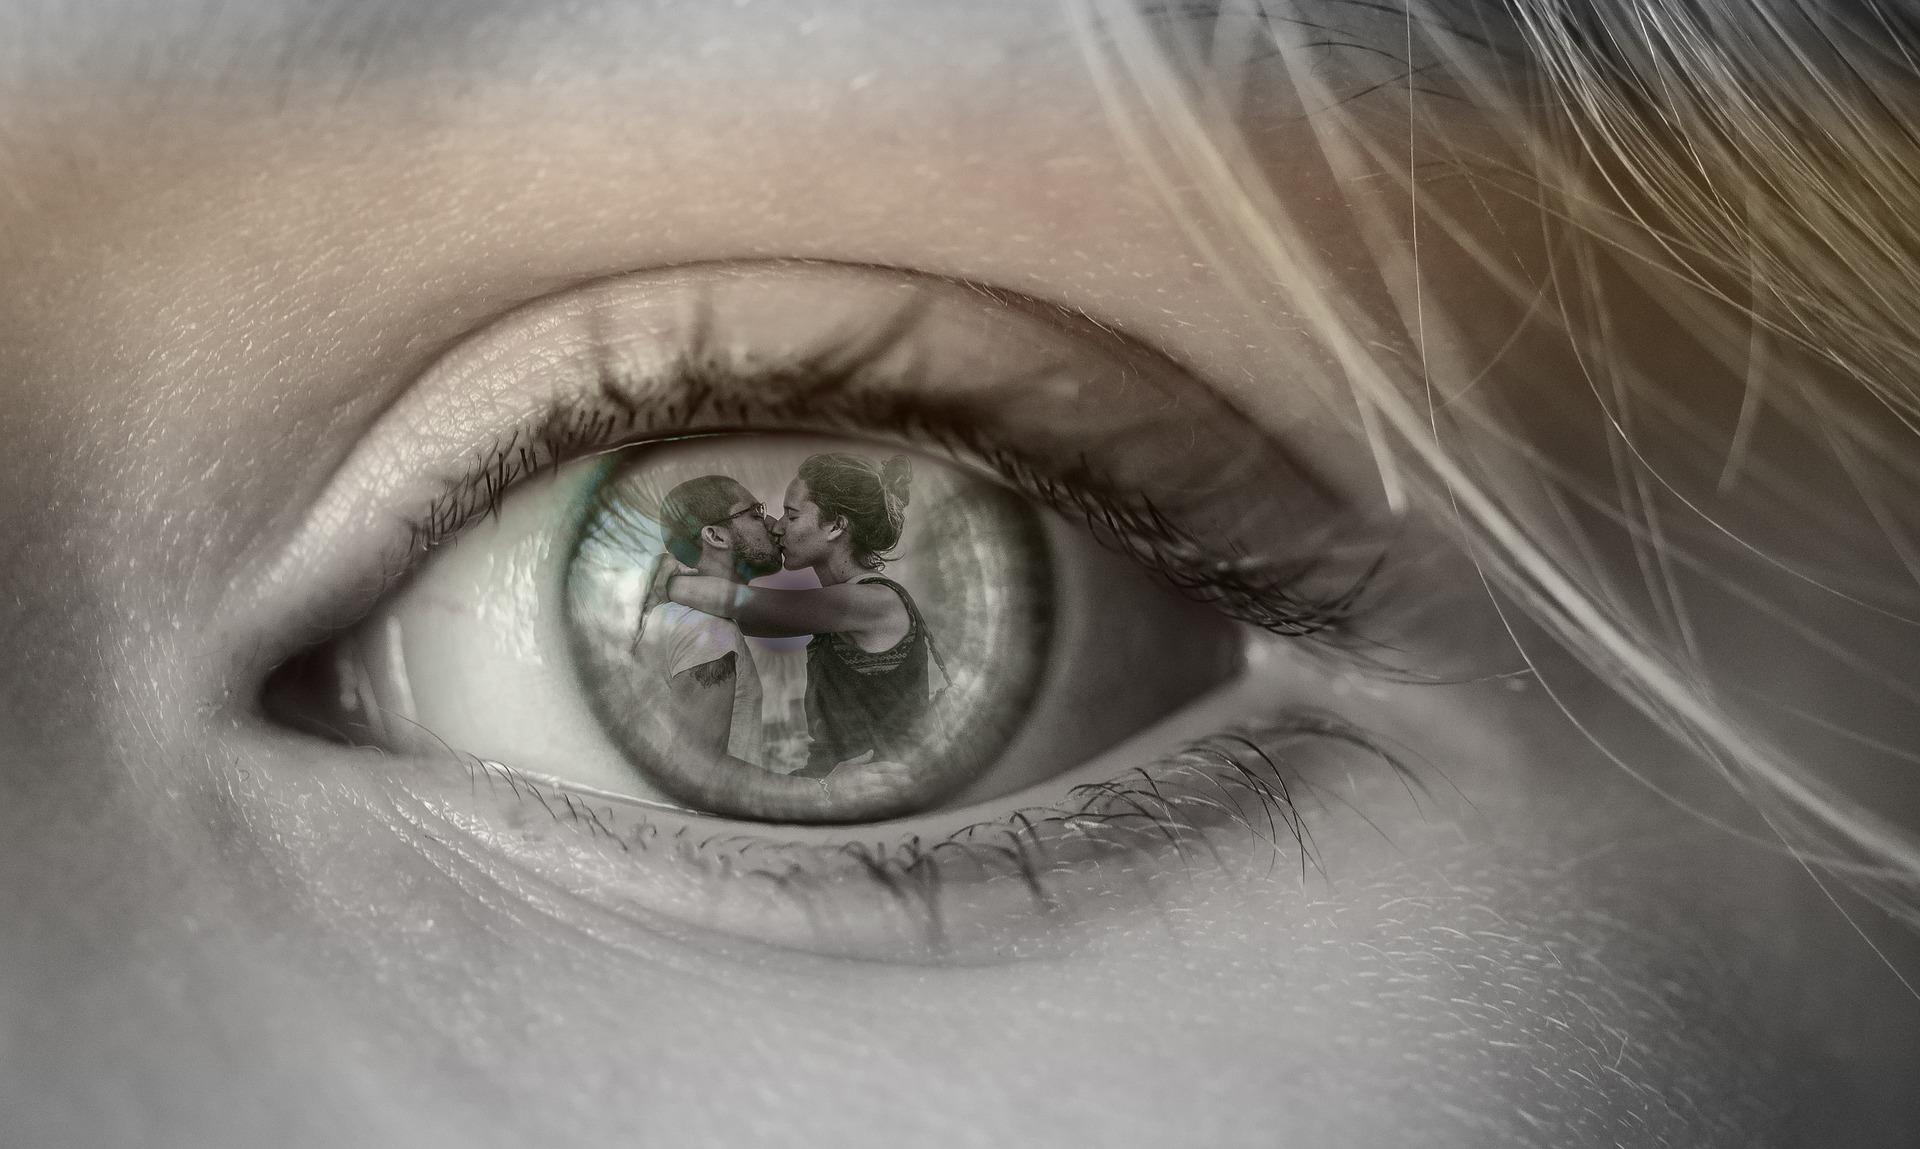 Как простить измену мужа и стоит ли это делать: людское мнение